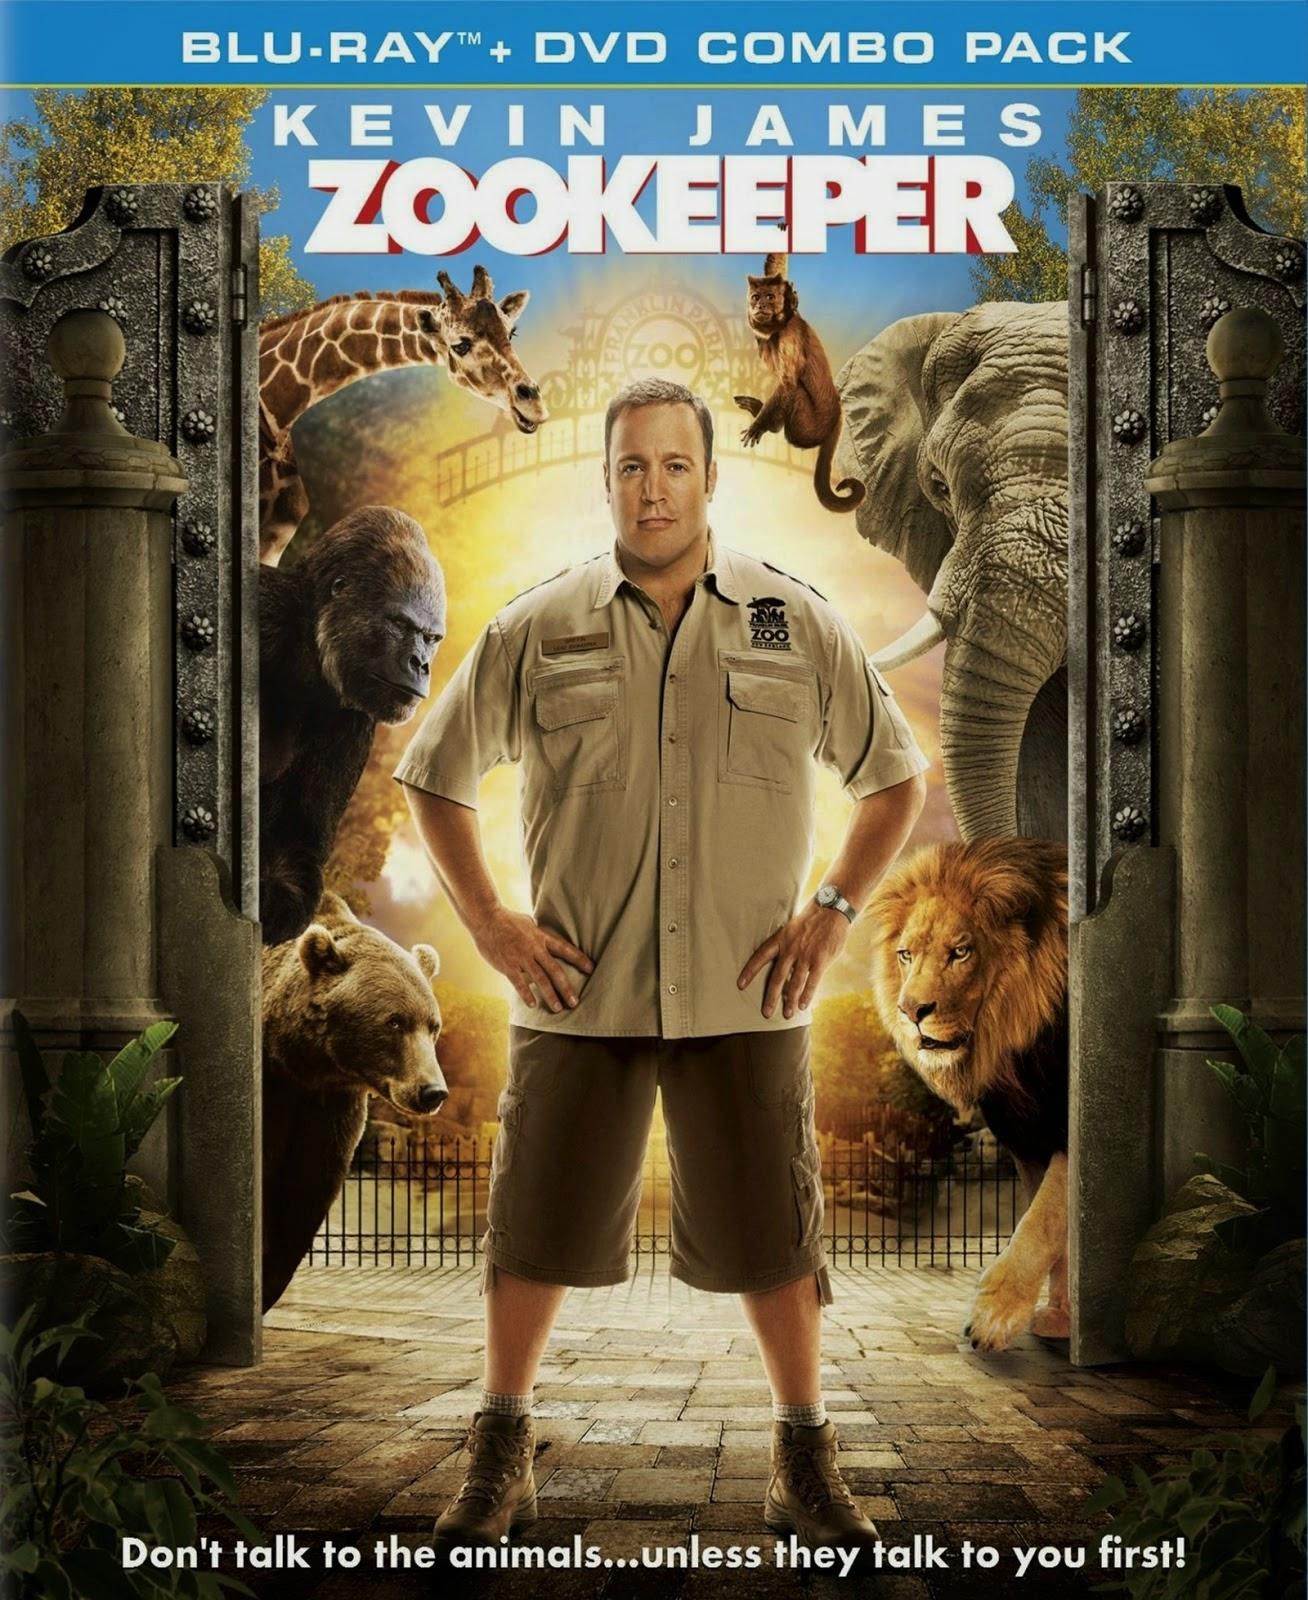 ดู Zookeeper สวนสัตว์ สอยรัก